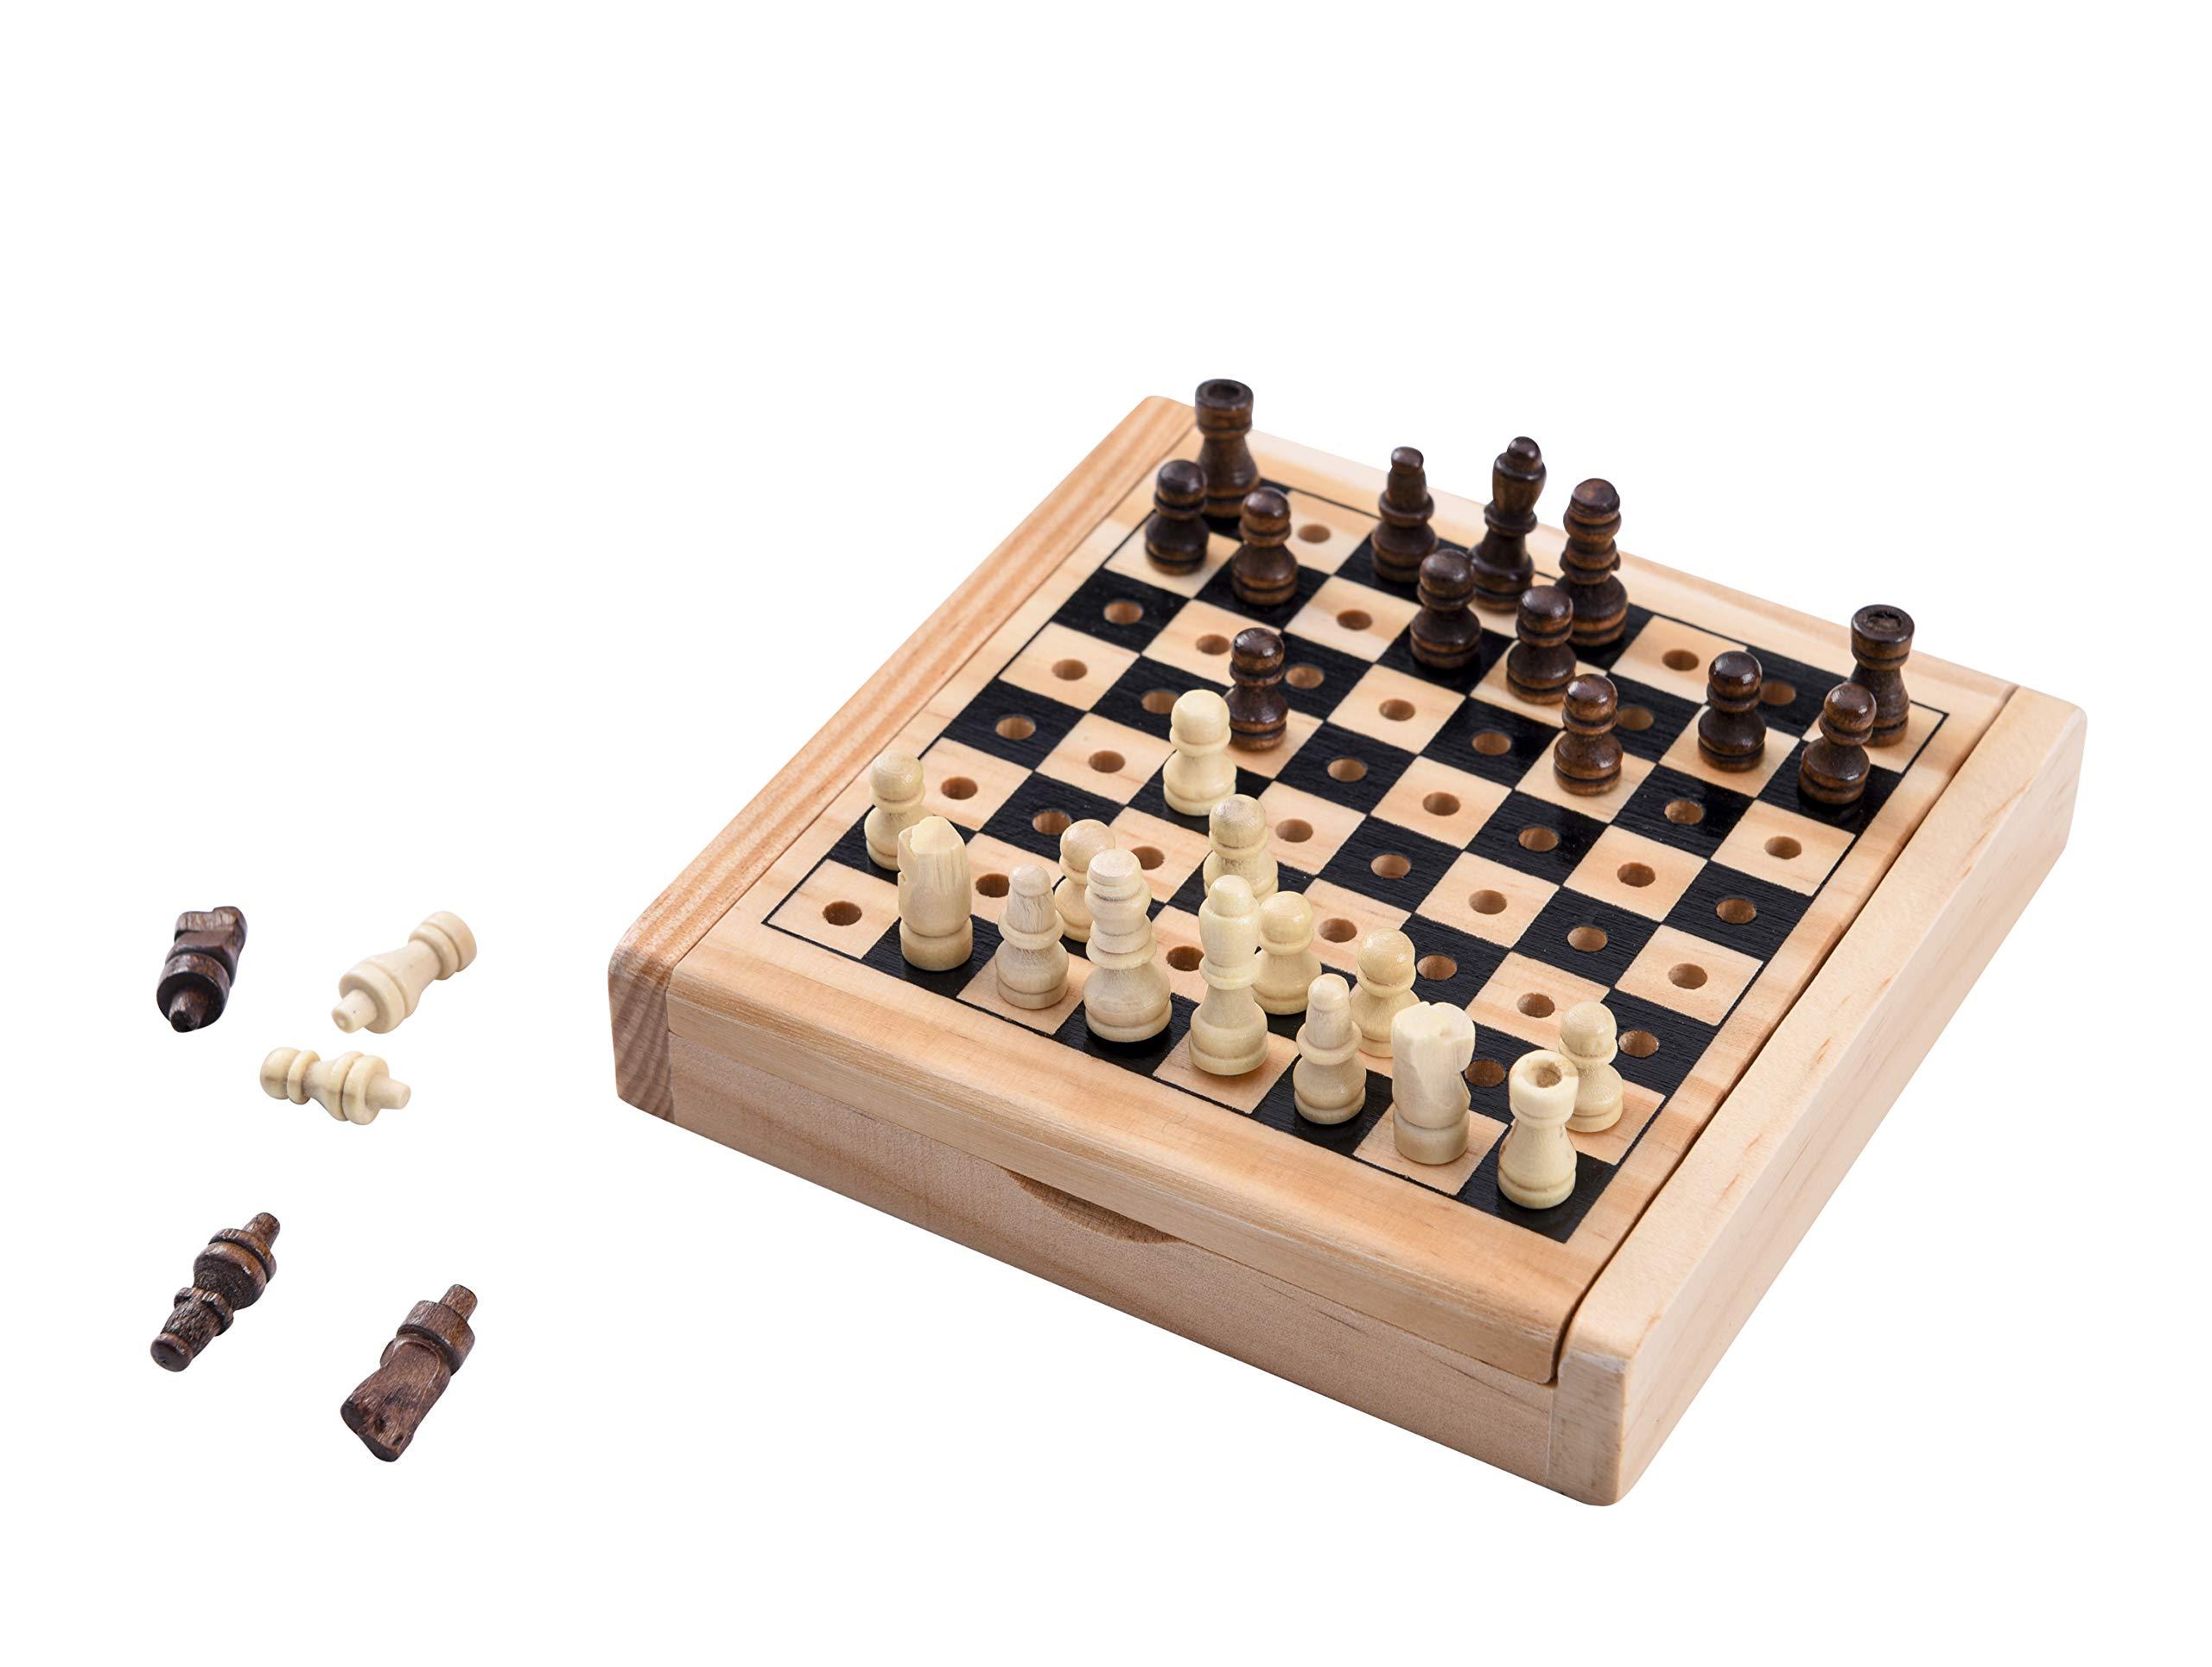 Reiseschachspiel-von-Jaques-Komplett-Handgeschnitztes-Echtes-Schachspiel-von-Jaques-Qualittsschach-seit-1795